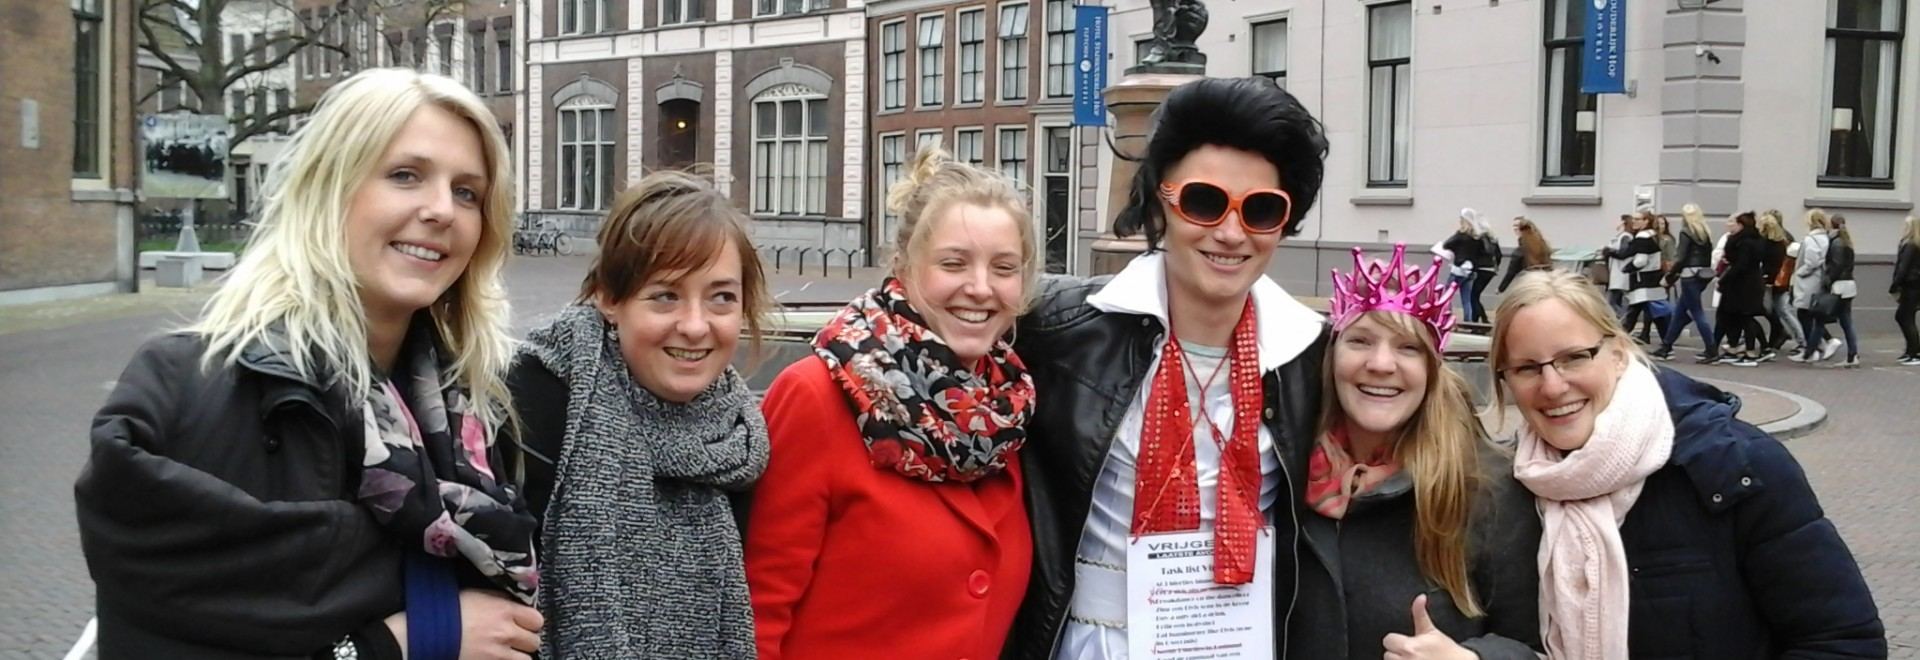 vrijgezellen uitje dames Friesland The Wedding Planner